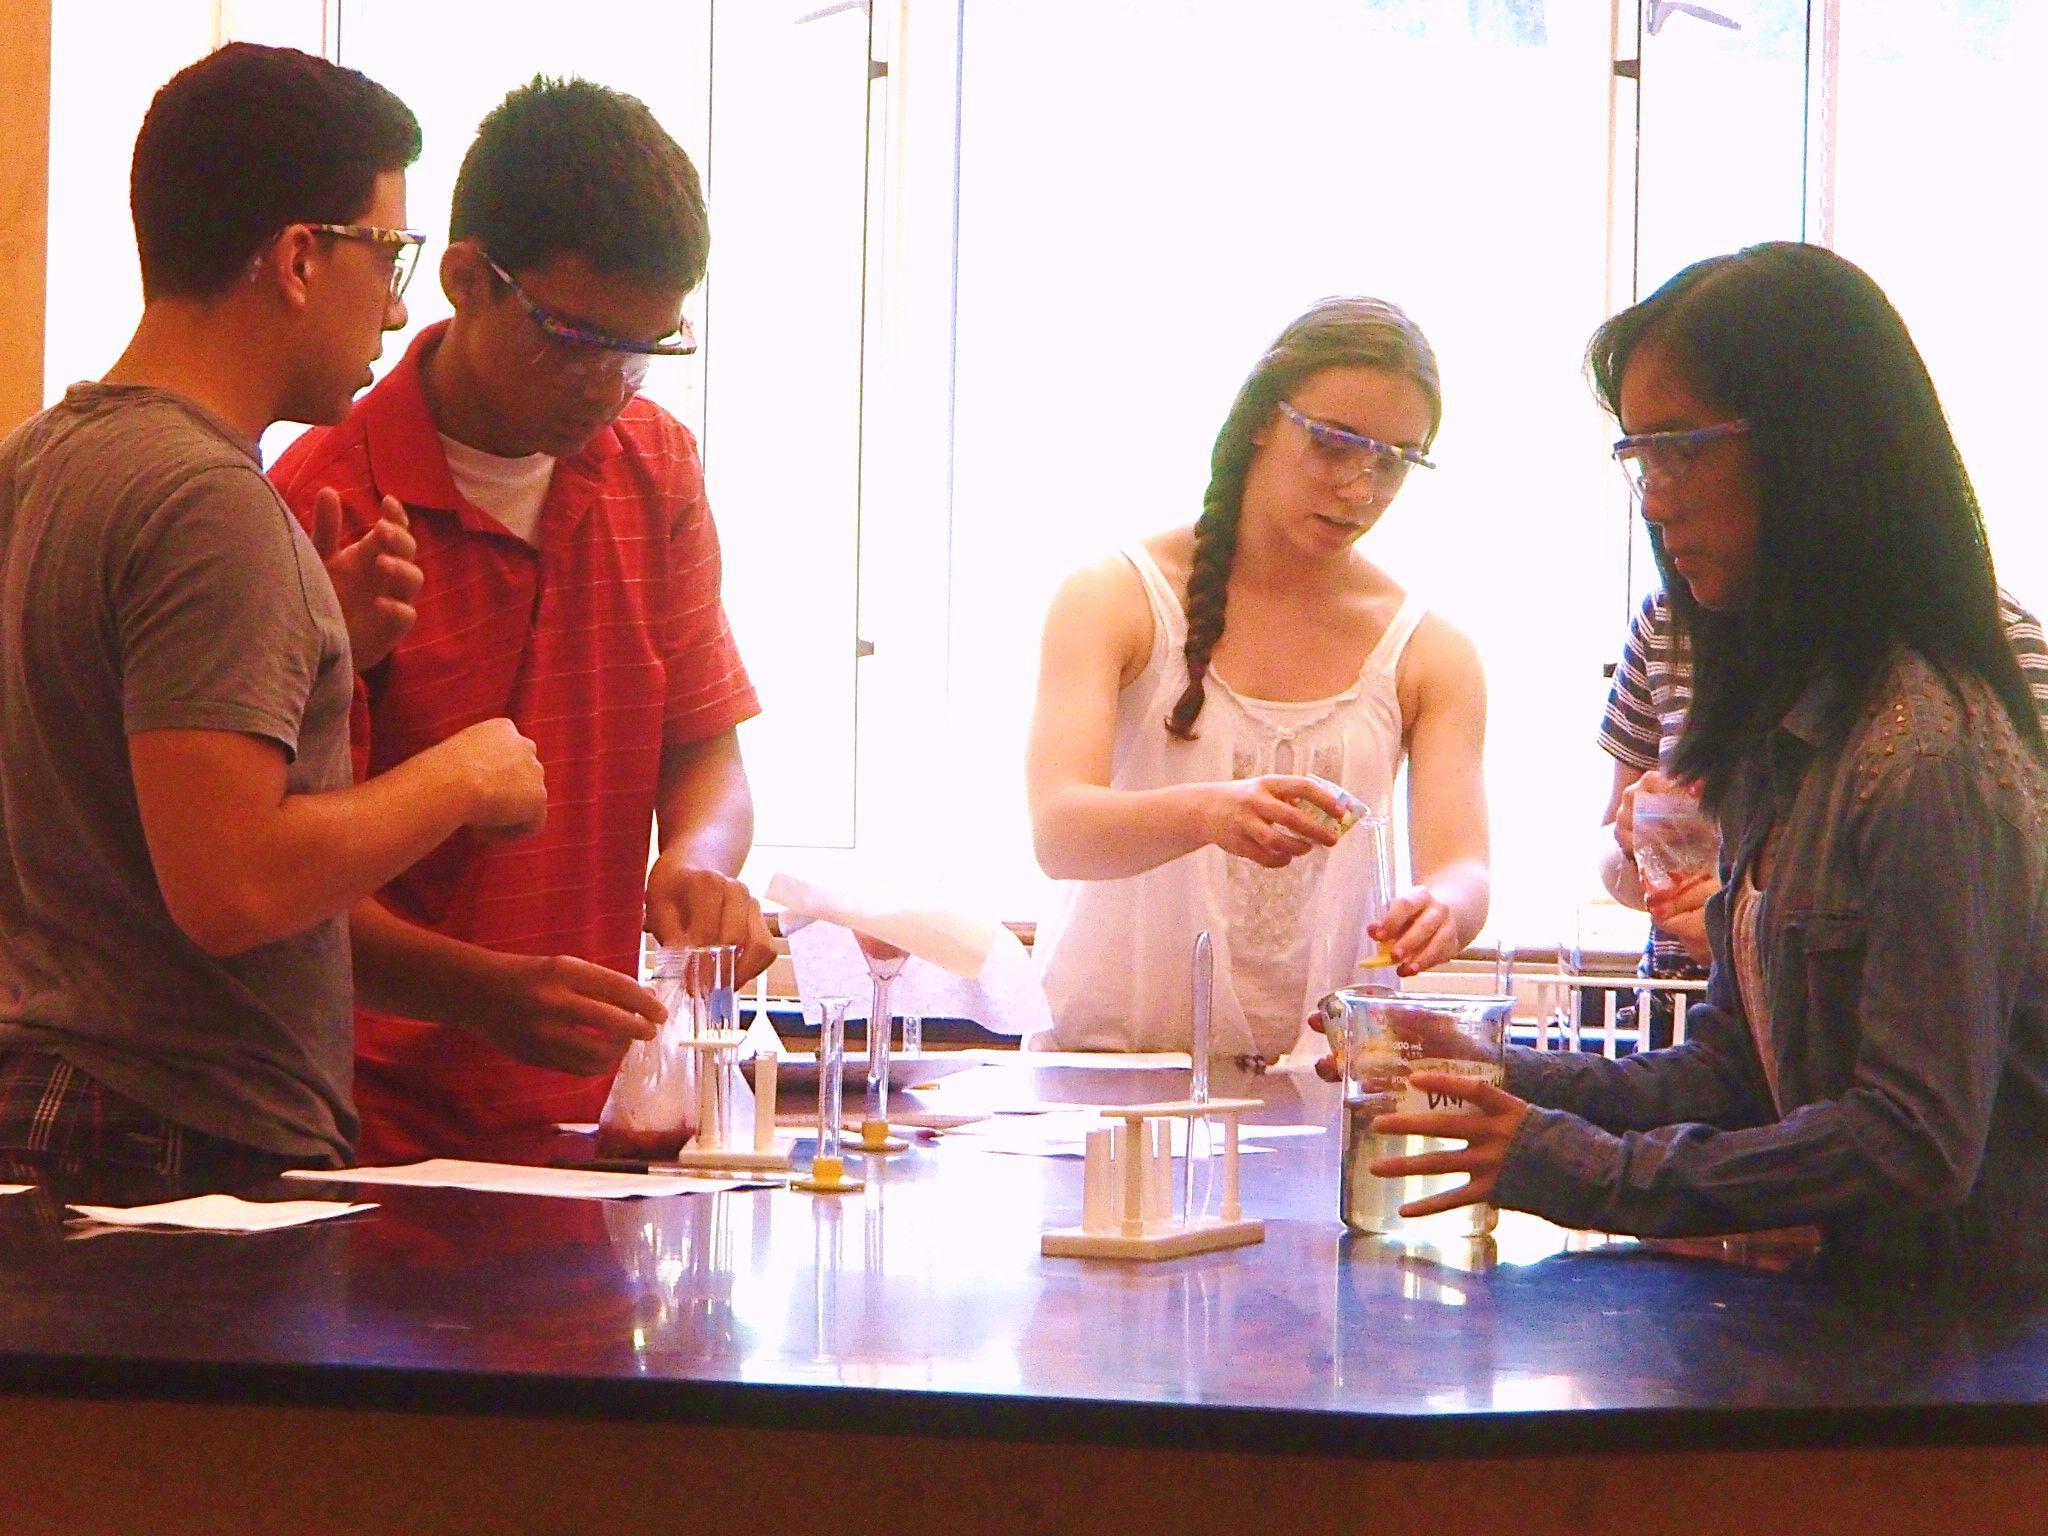 Summer Program - Business | Boston Leadership Institute Online STEM Programs